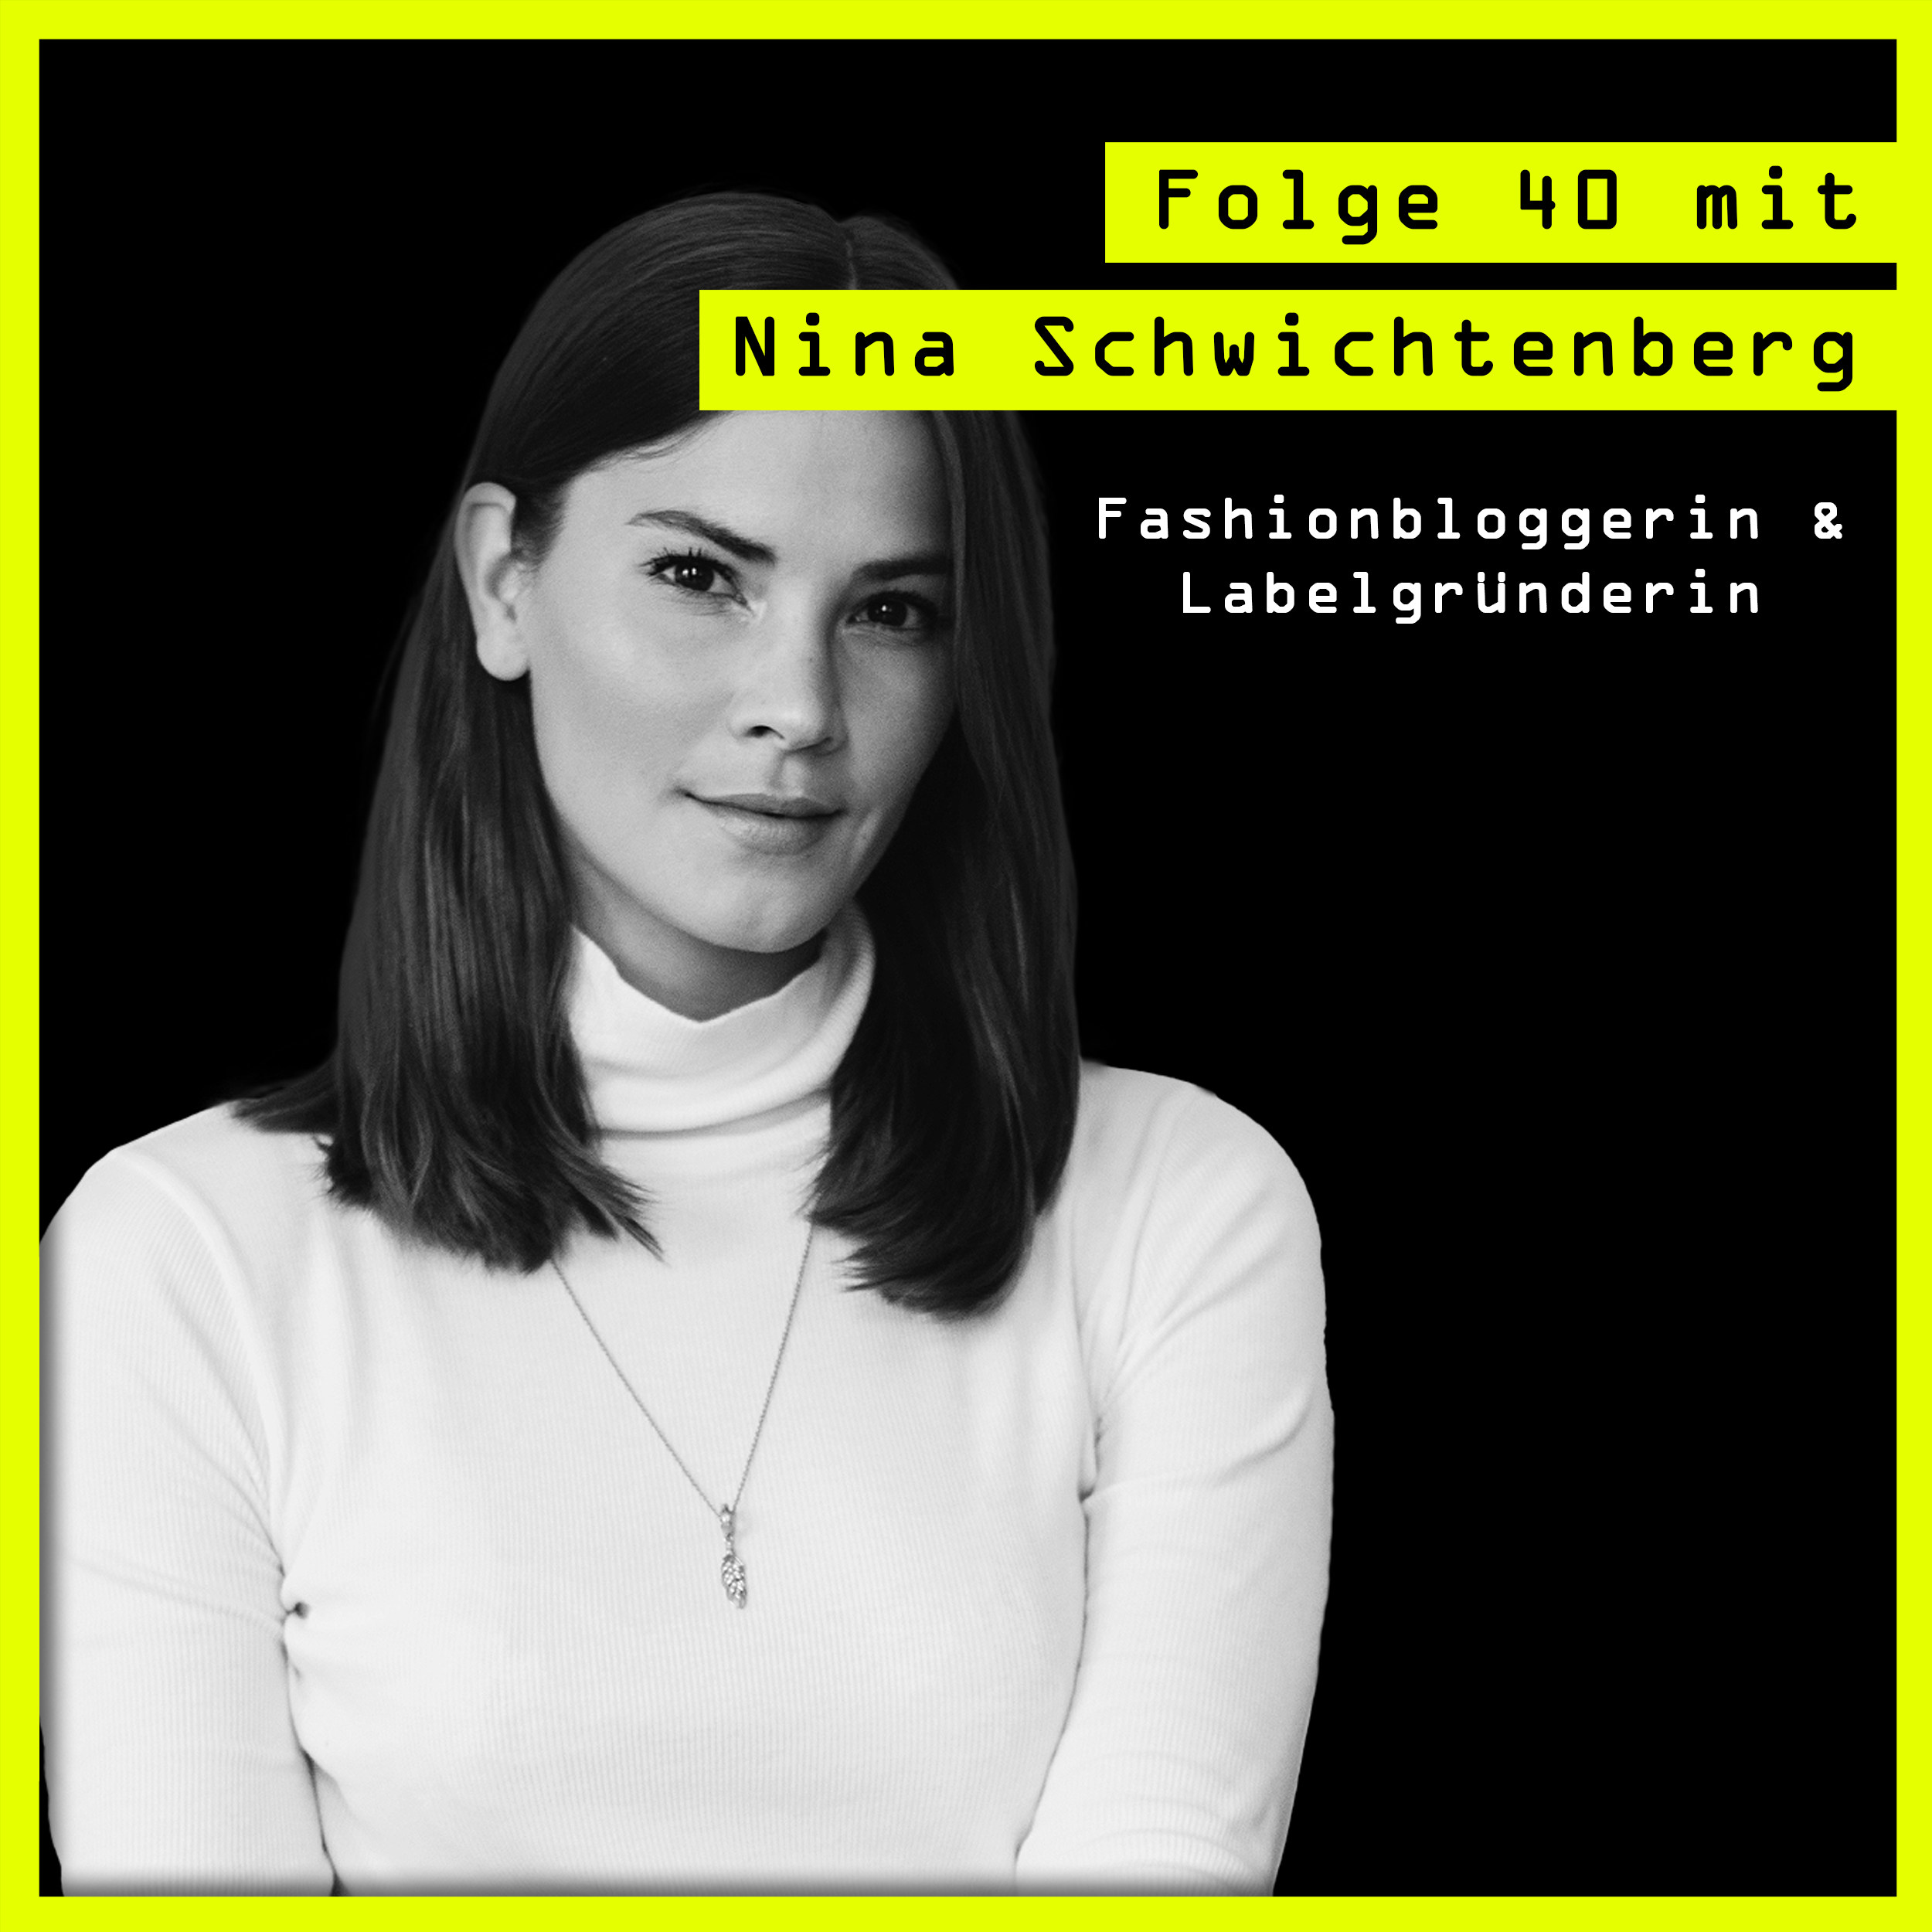 #40 mit Nina Schwichtenberg (Bloggerin, Founder, Creative Director): Über den Anspruch, Dinge selber machen & Naivität